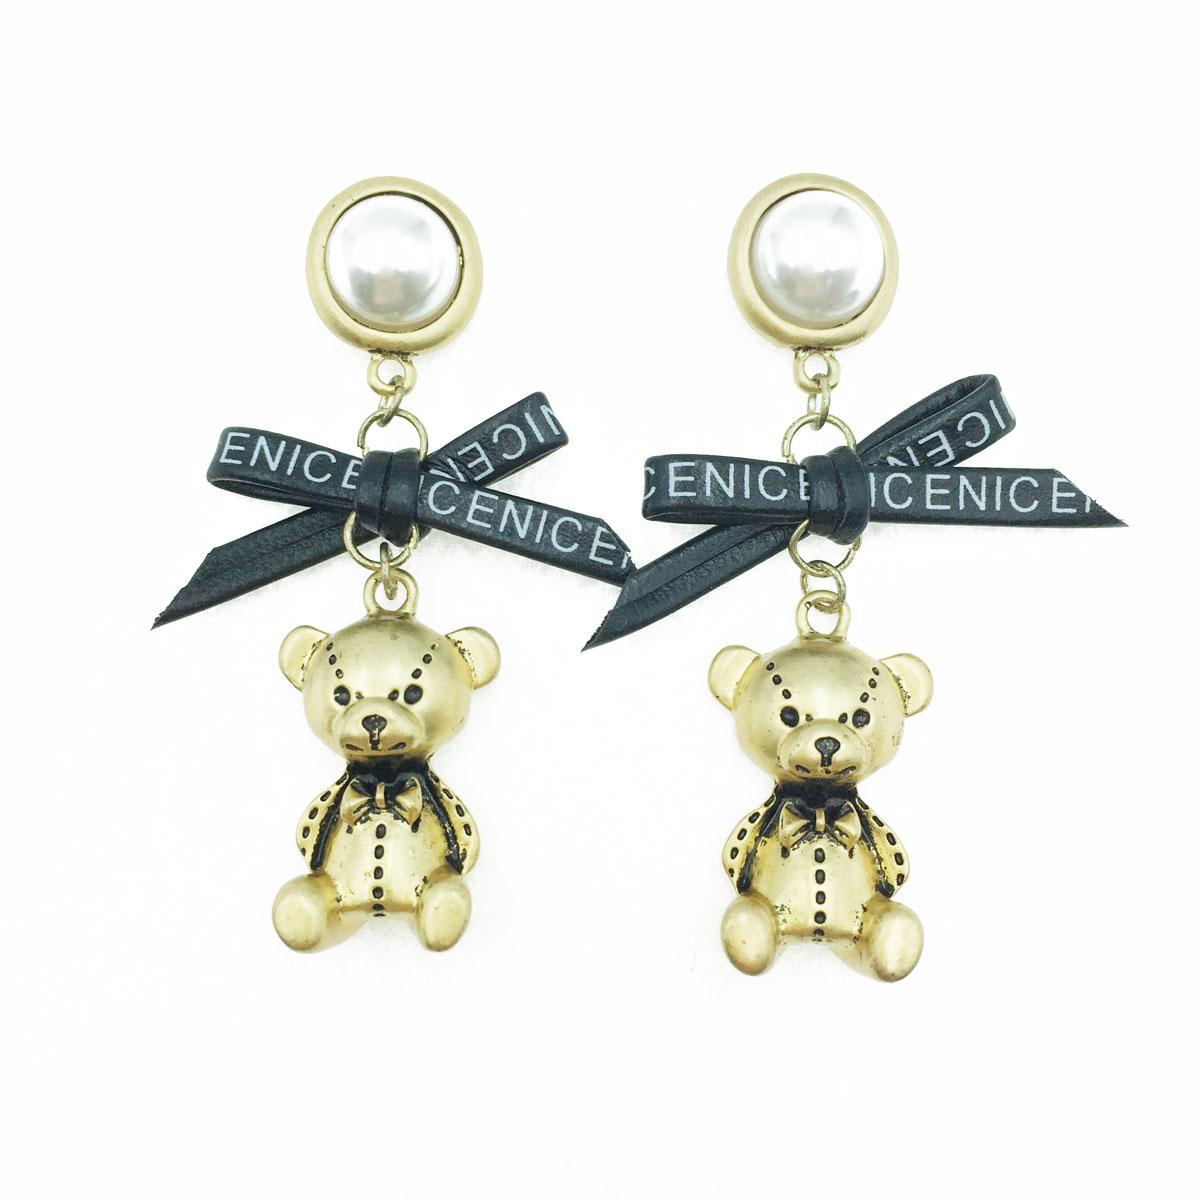 韓國 925純銀 珍珠 皮質 蝴蝶結 金屬 立體 小熊  垂墜感 耳針式耳環